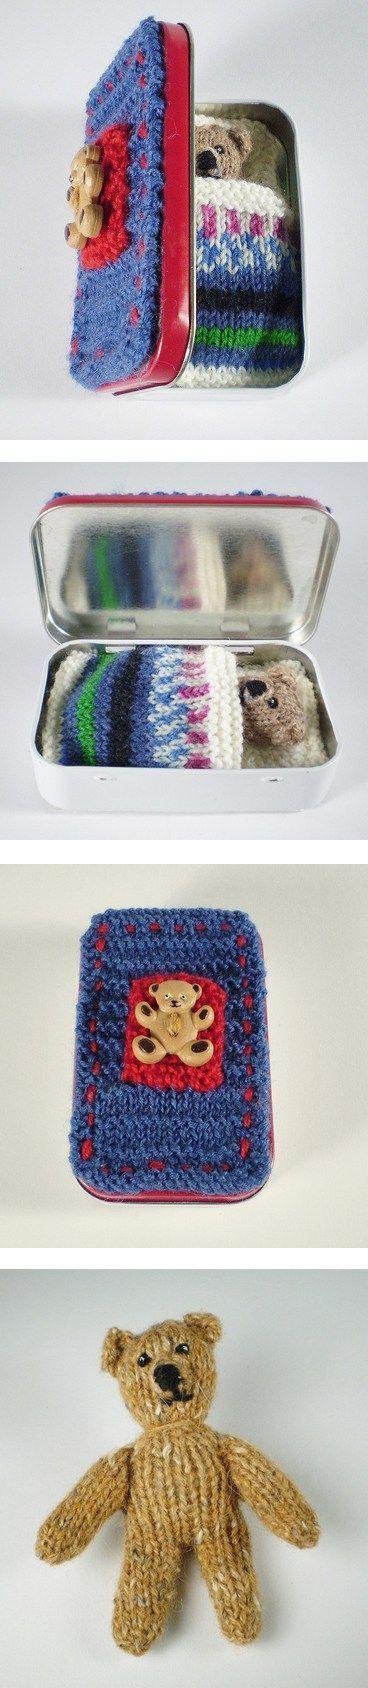 Teeny Toy Knitting Patterns #knittingpatternstoys